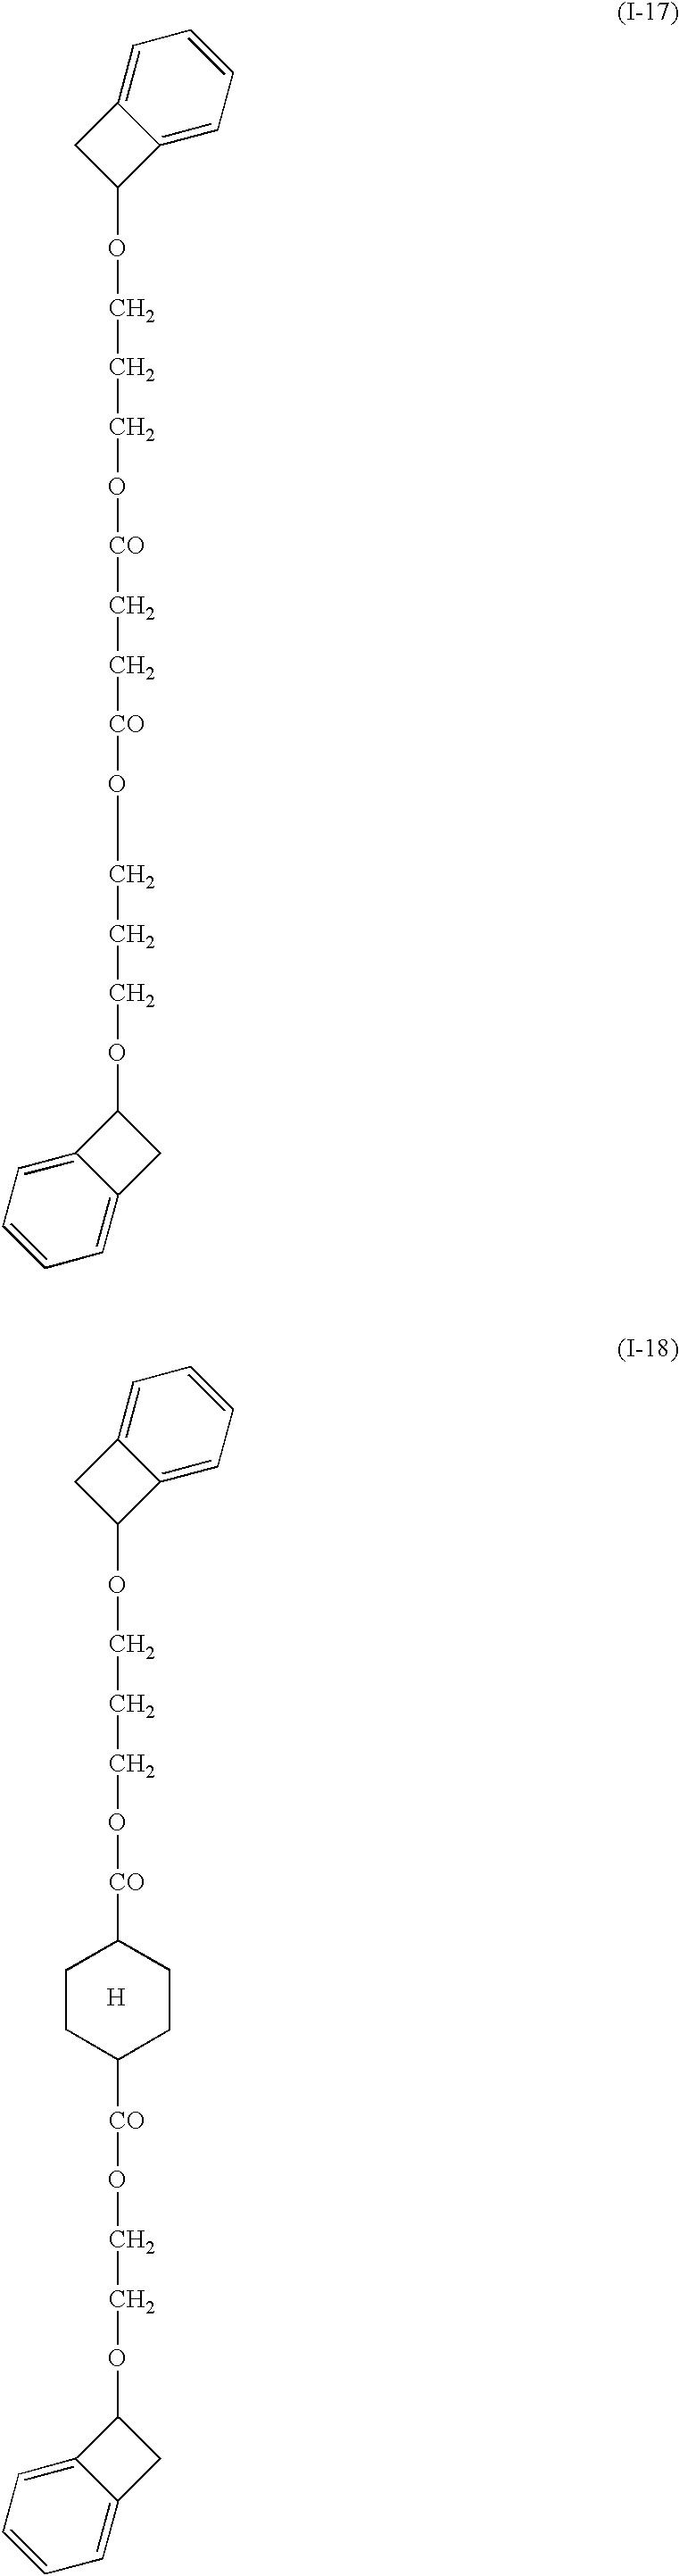 Figure US20030165778A1-20030904-C00014